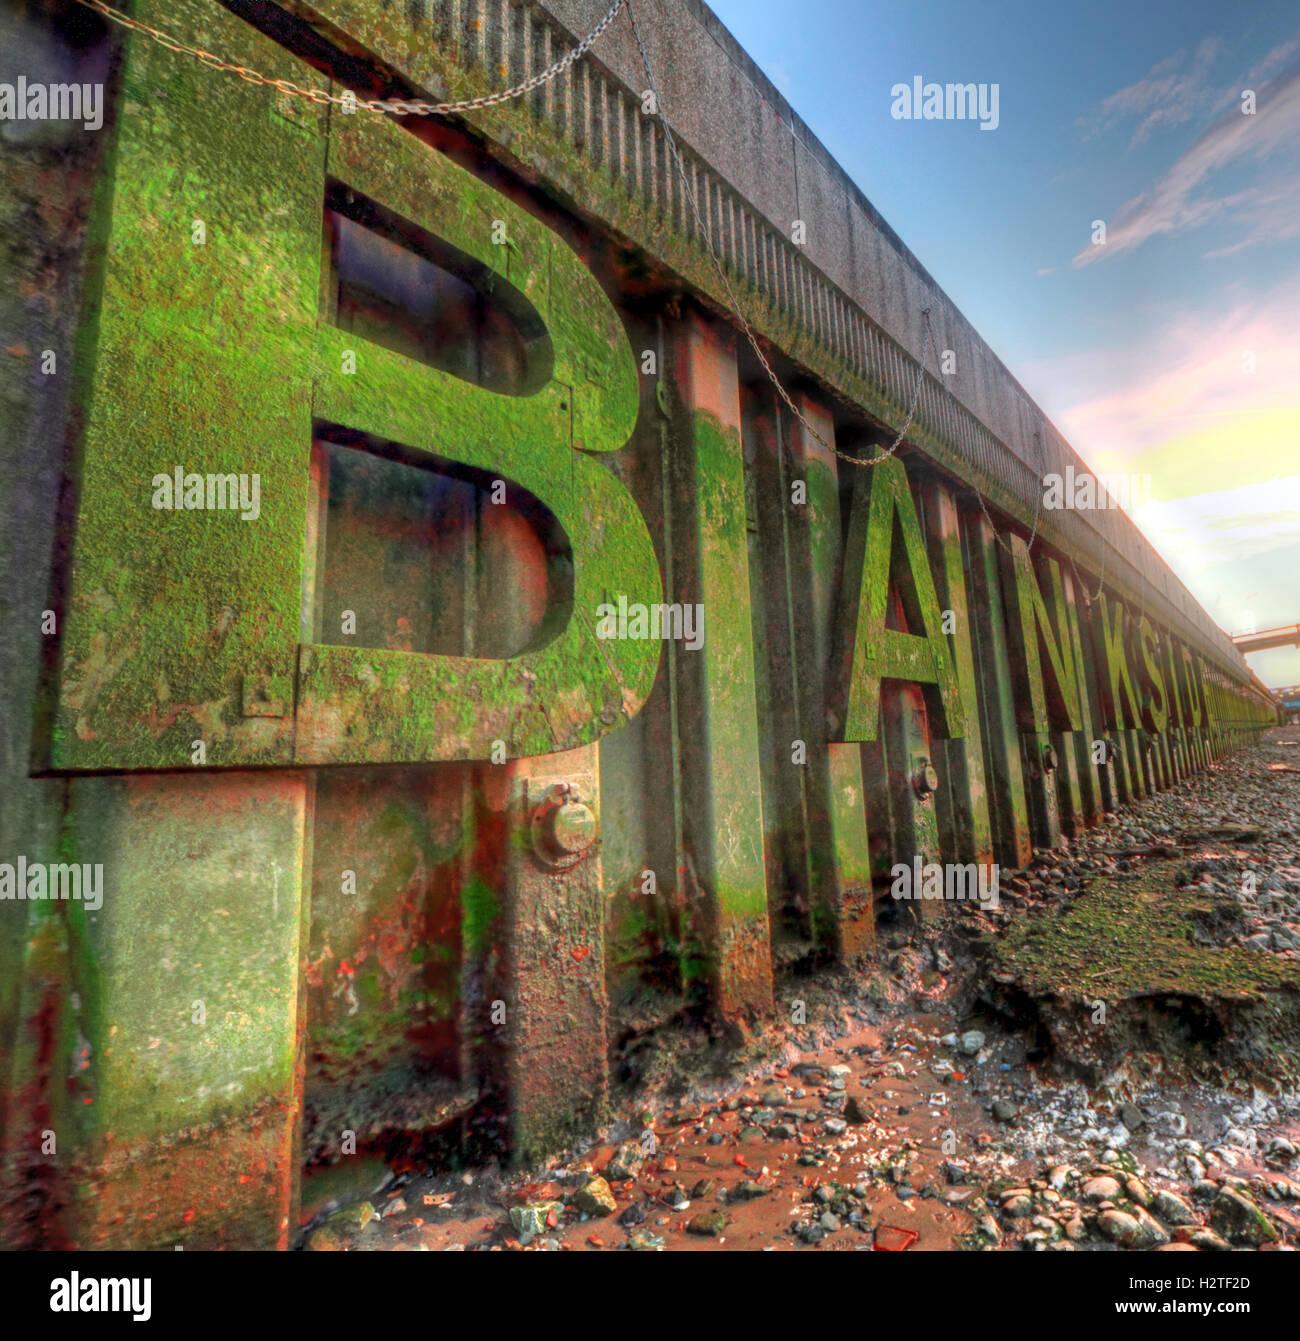 Laden Sie dieses Alamy Stockfoto Londoner Bankside von Themse, Southwark - H2TF2D